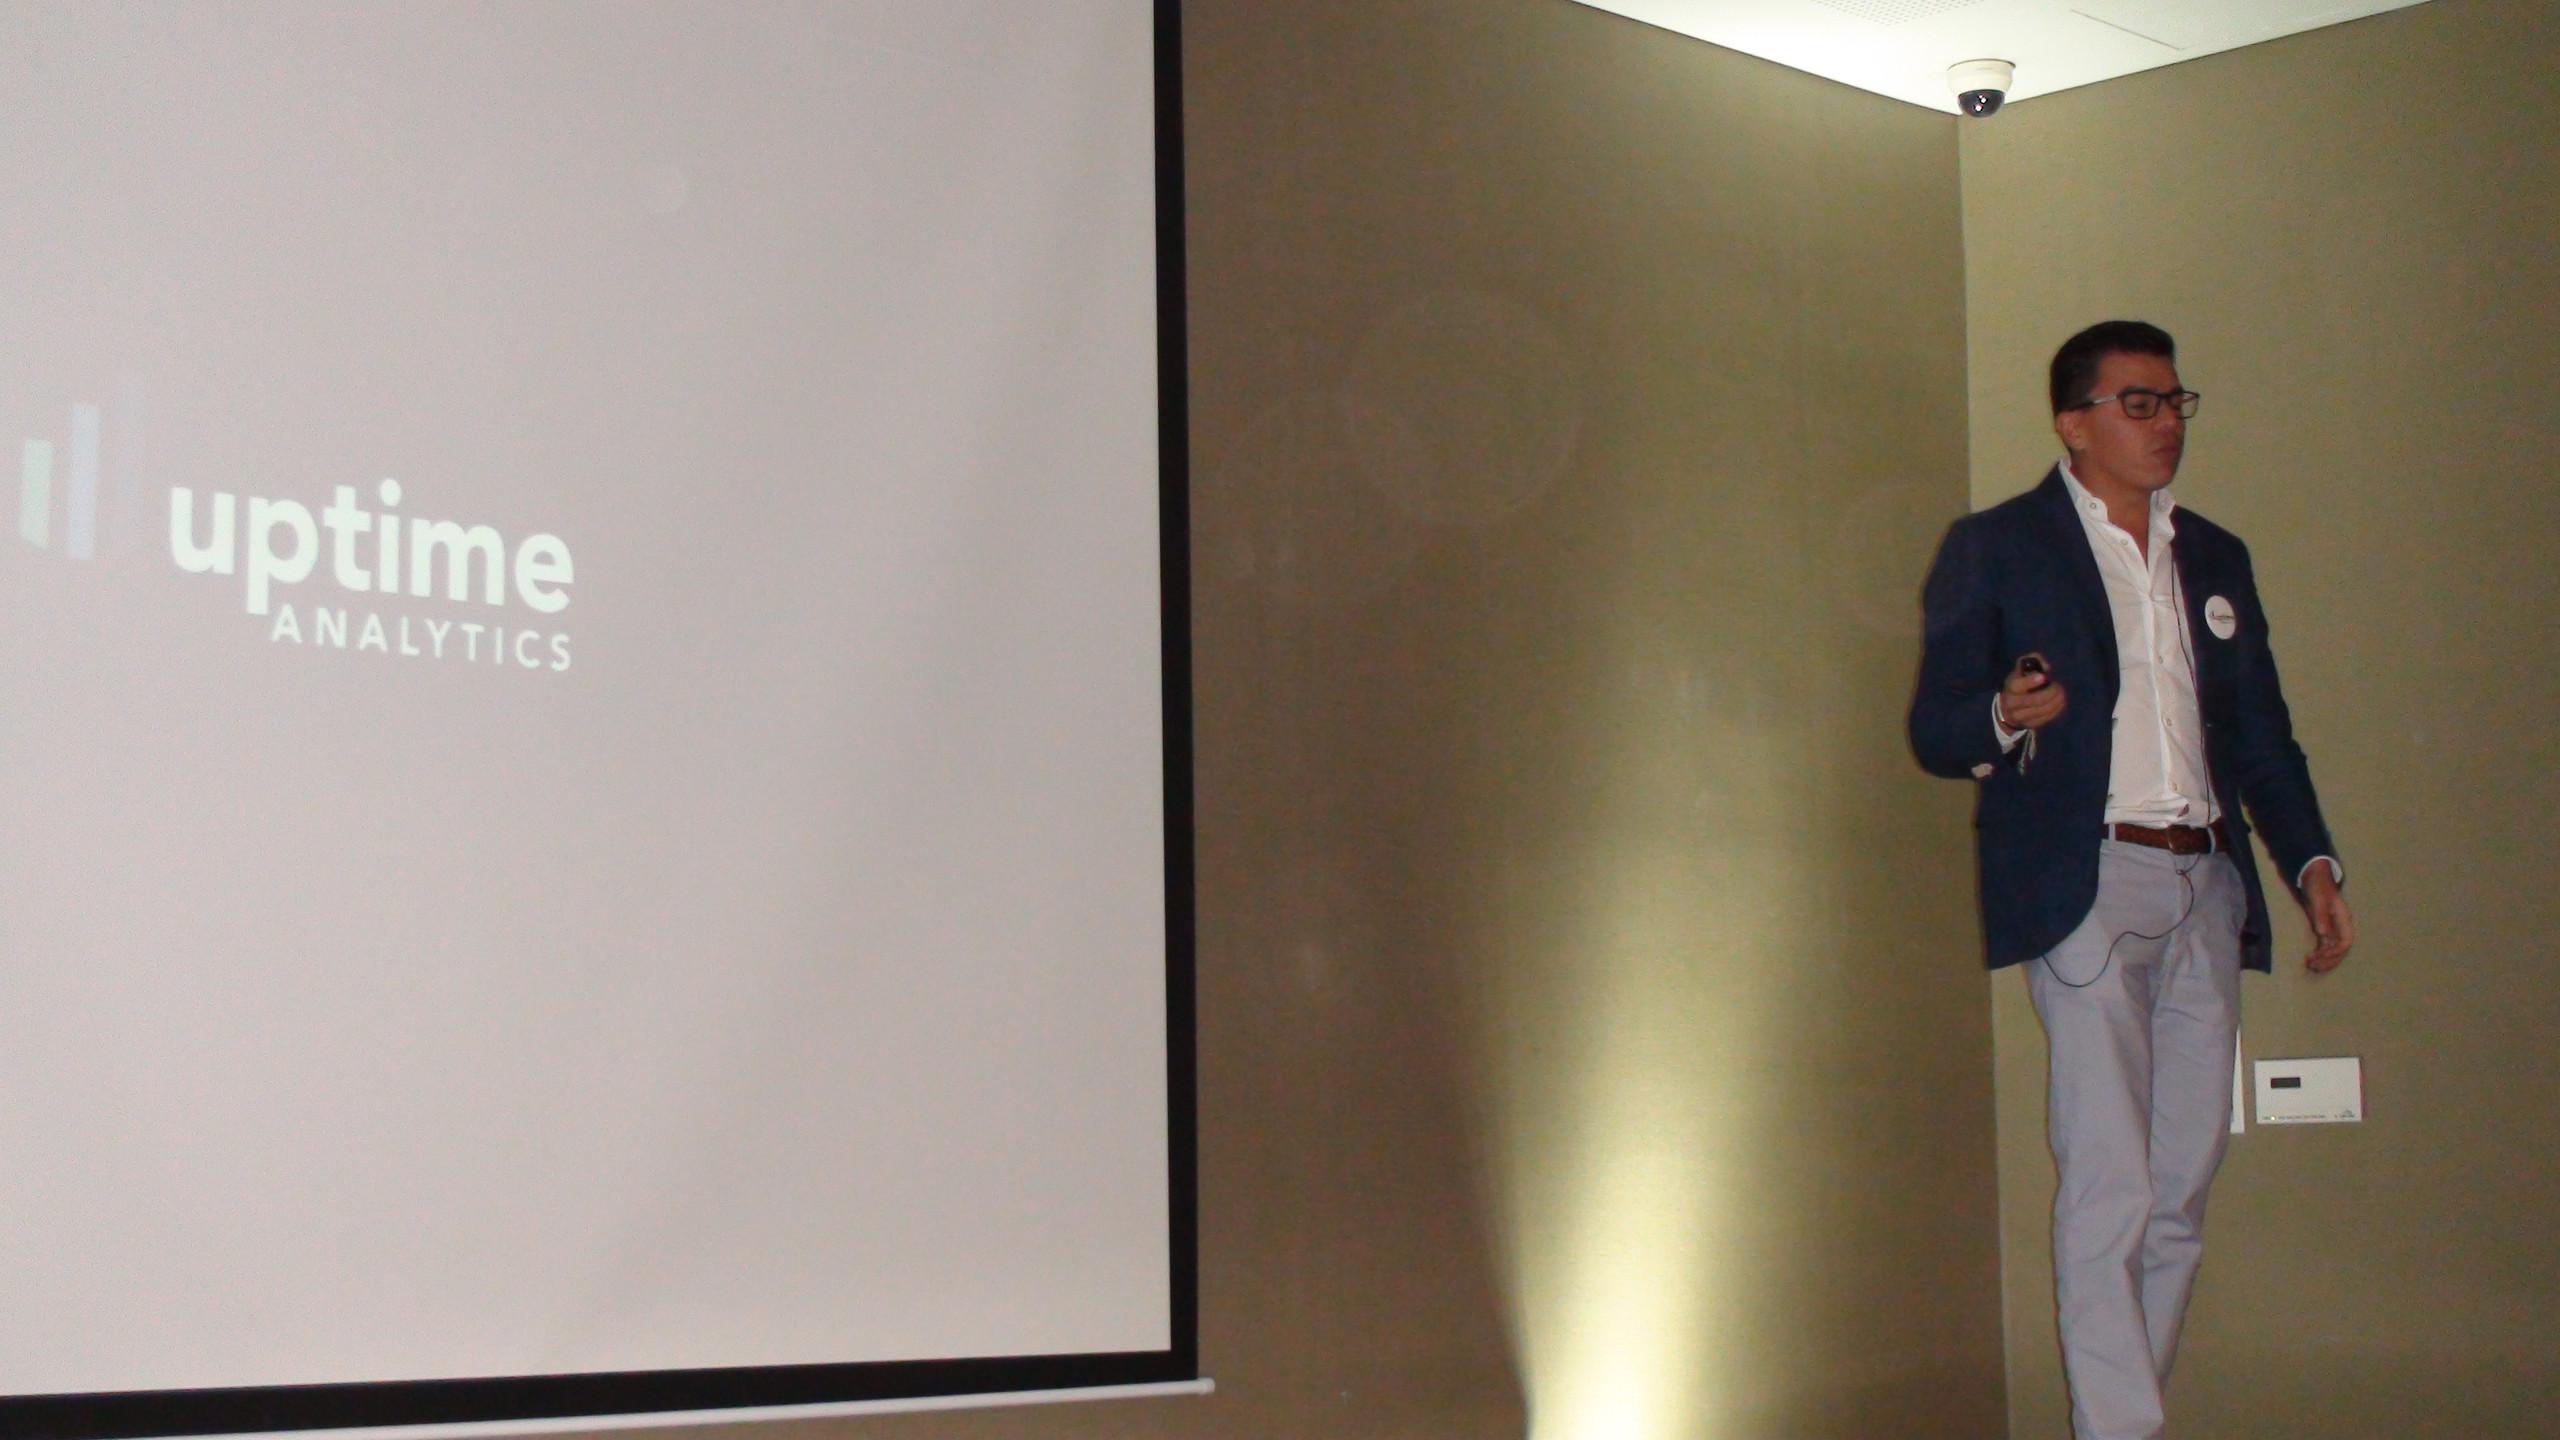 Oscar Hoyos, CEO de Uptime Analytics, explica lo que hicieron para resolver el reto de Eficiencia Energética de Corona